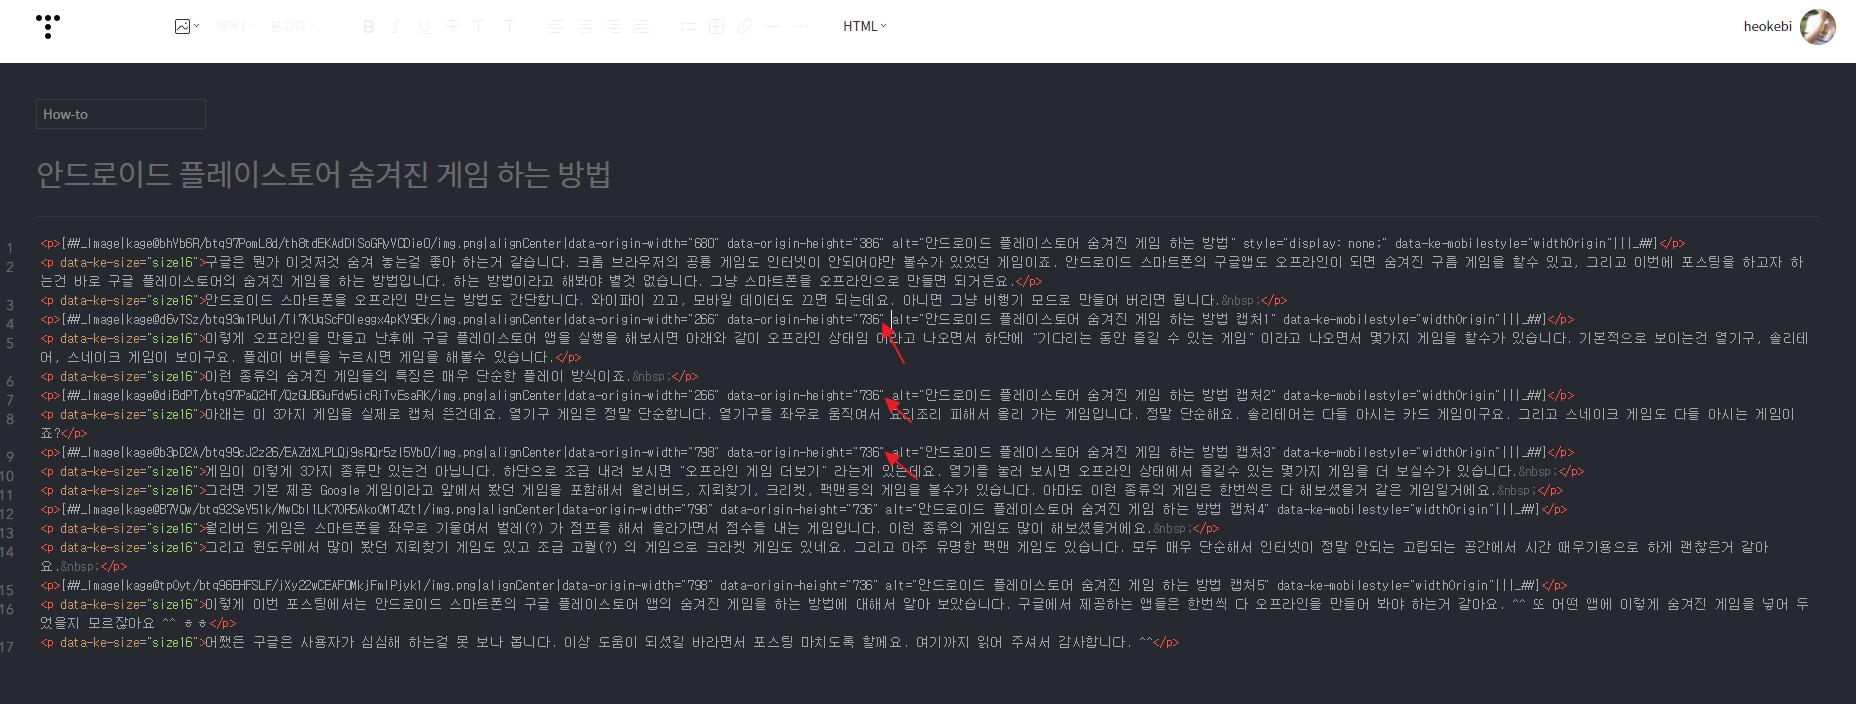 티스토리 HTML 모드에서 alt 태그 편하게 넣기 사진1